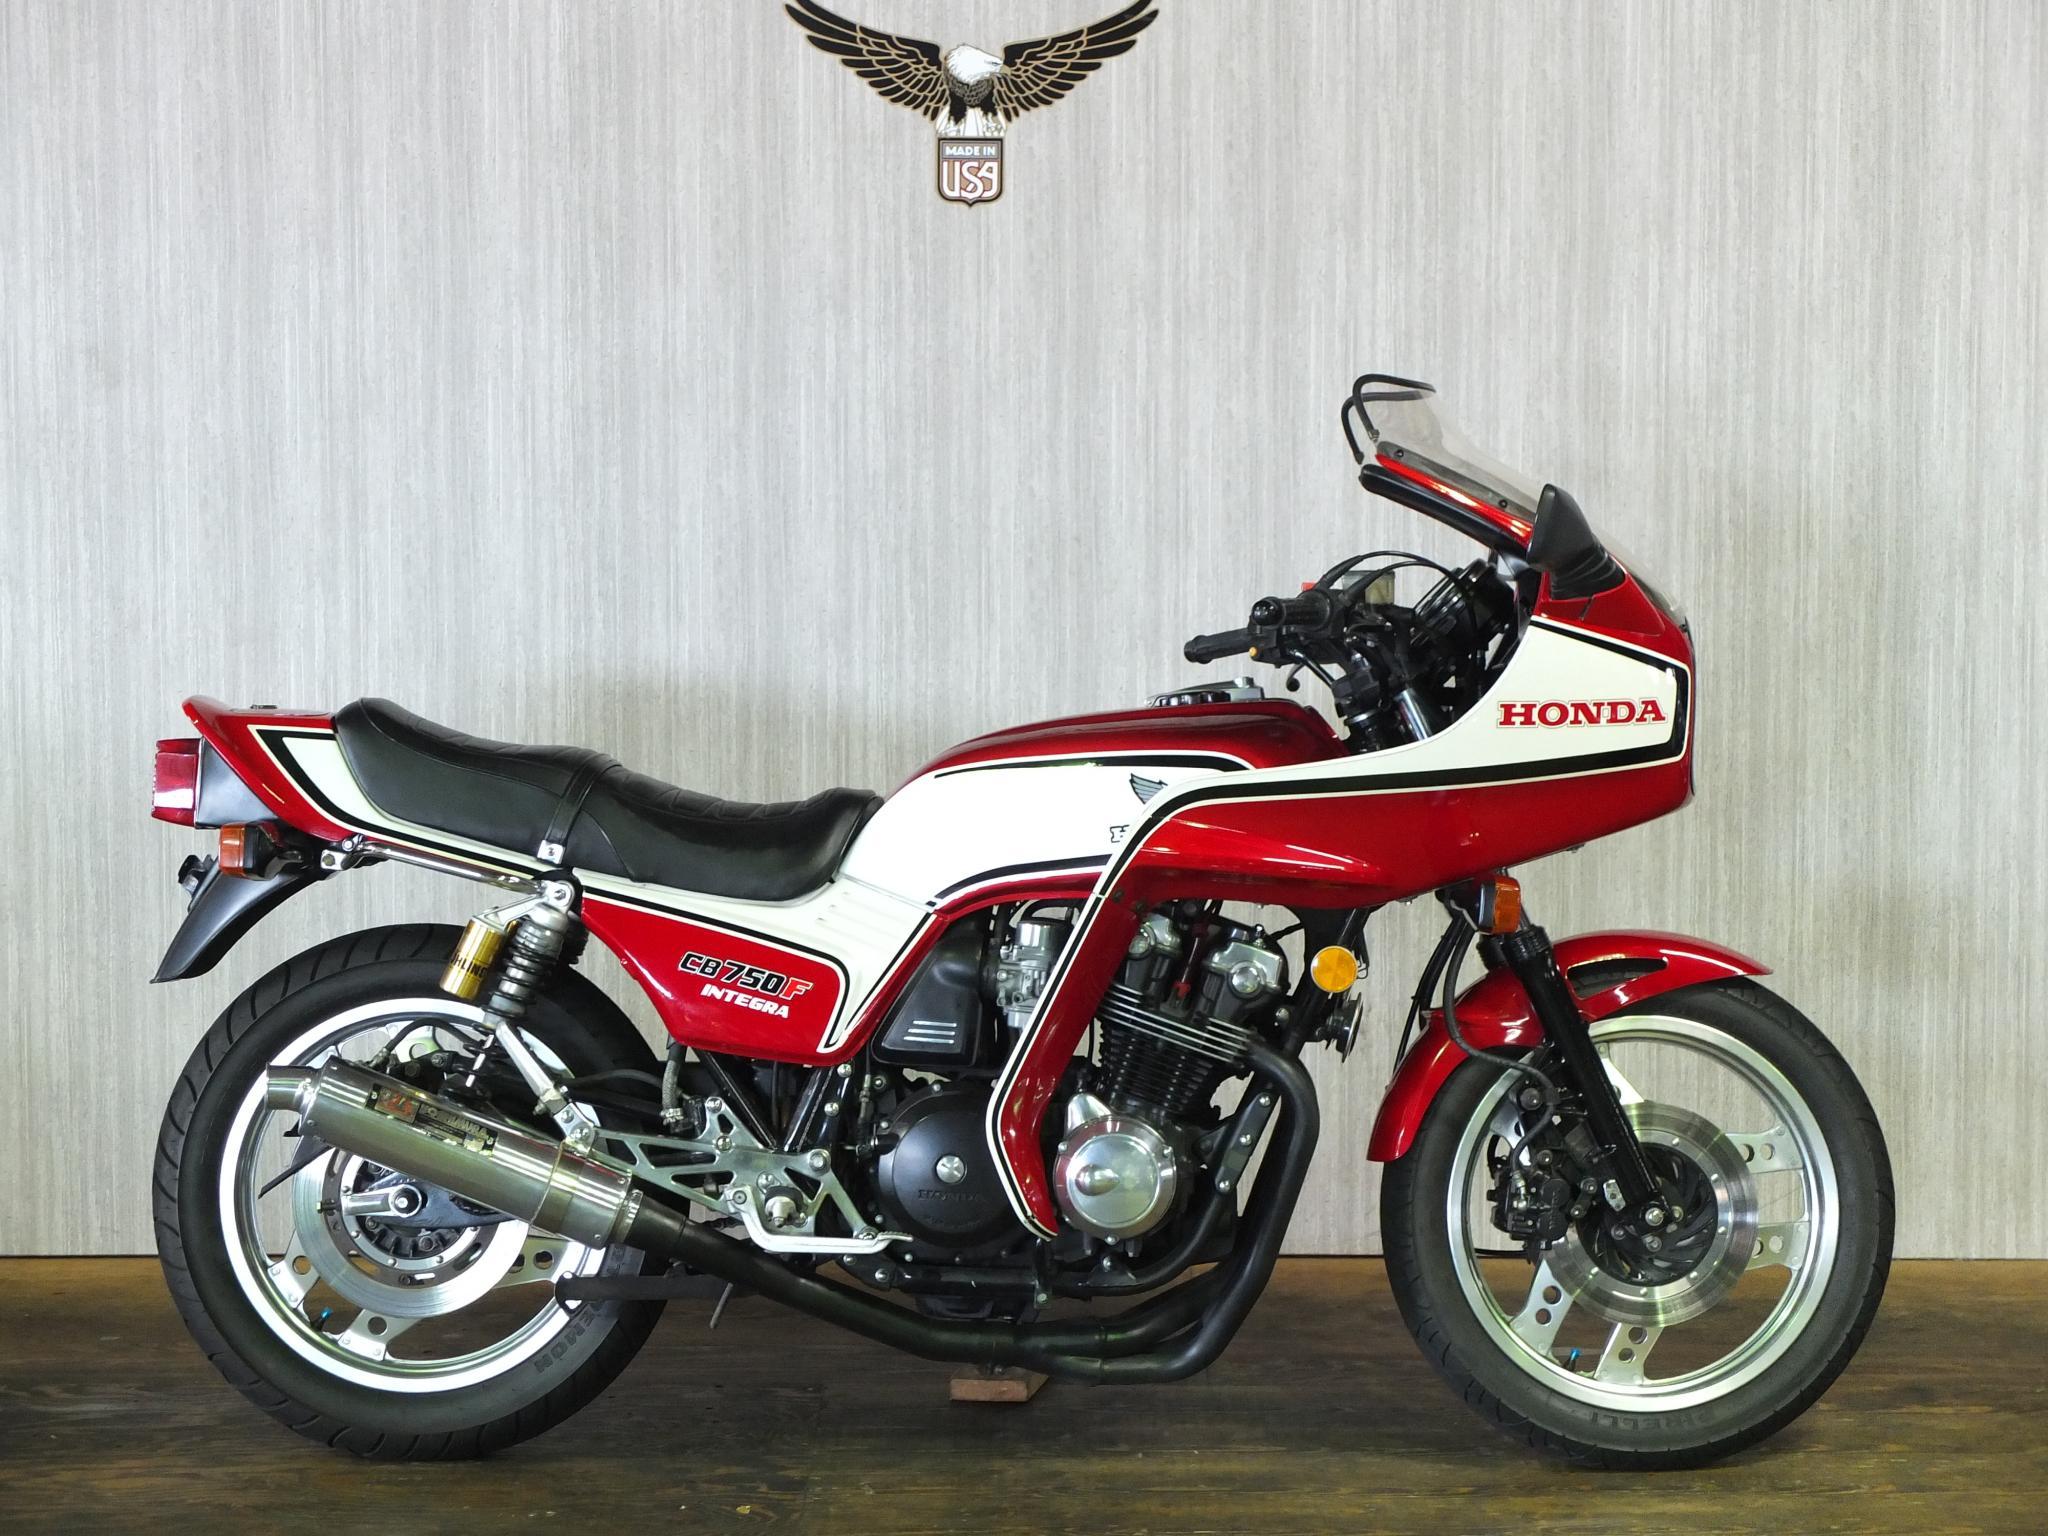 ホンダ 1982 HONDA CB750 INTEGRA 車体写真1